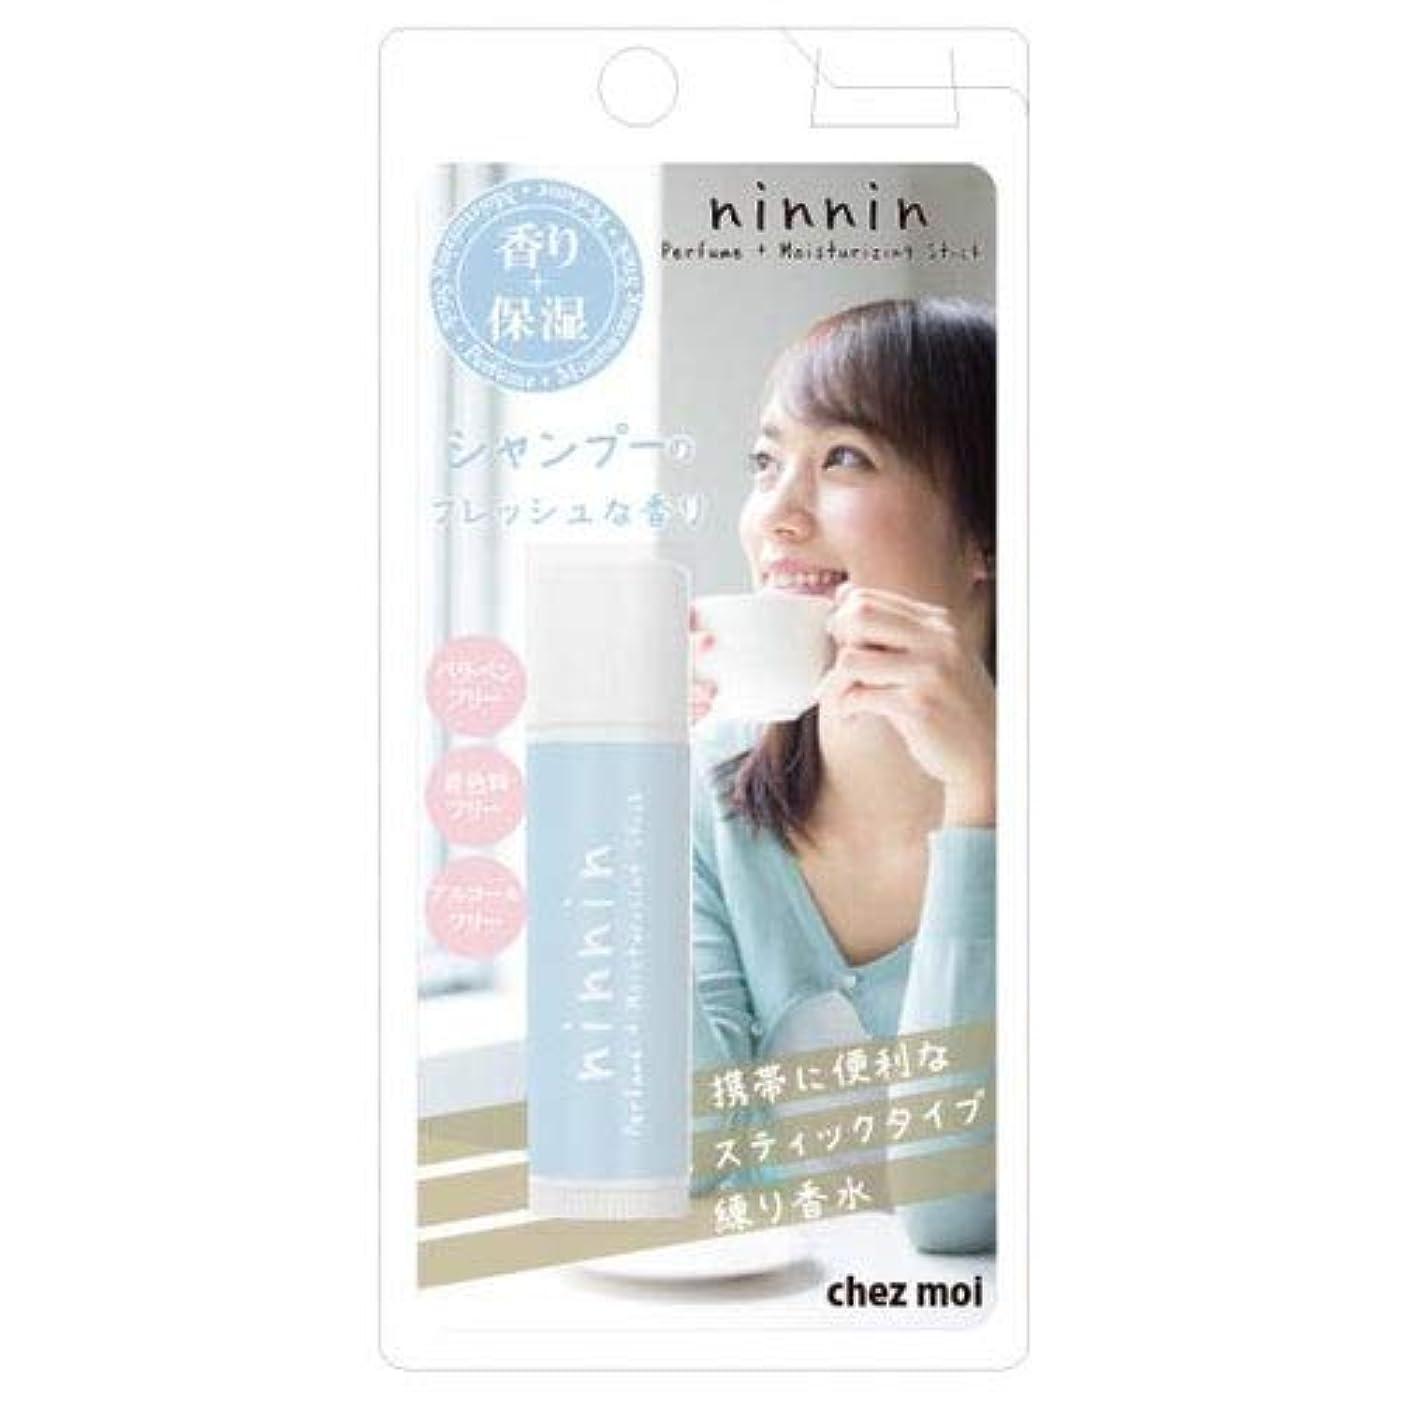 コード干渉するもninnin ナンナン Perfume+Moisturizing Stick シャンプー